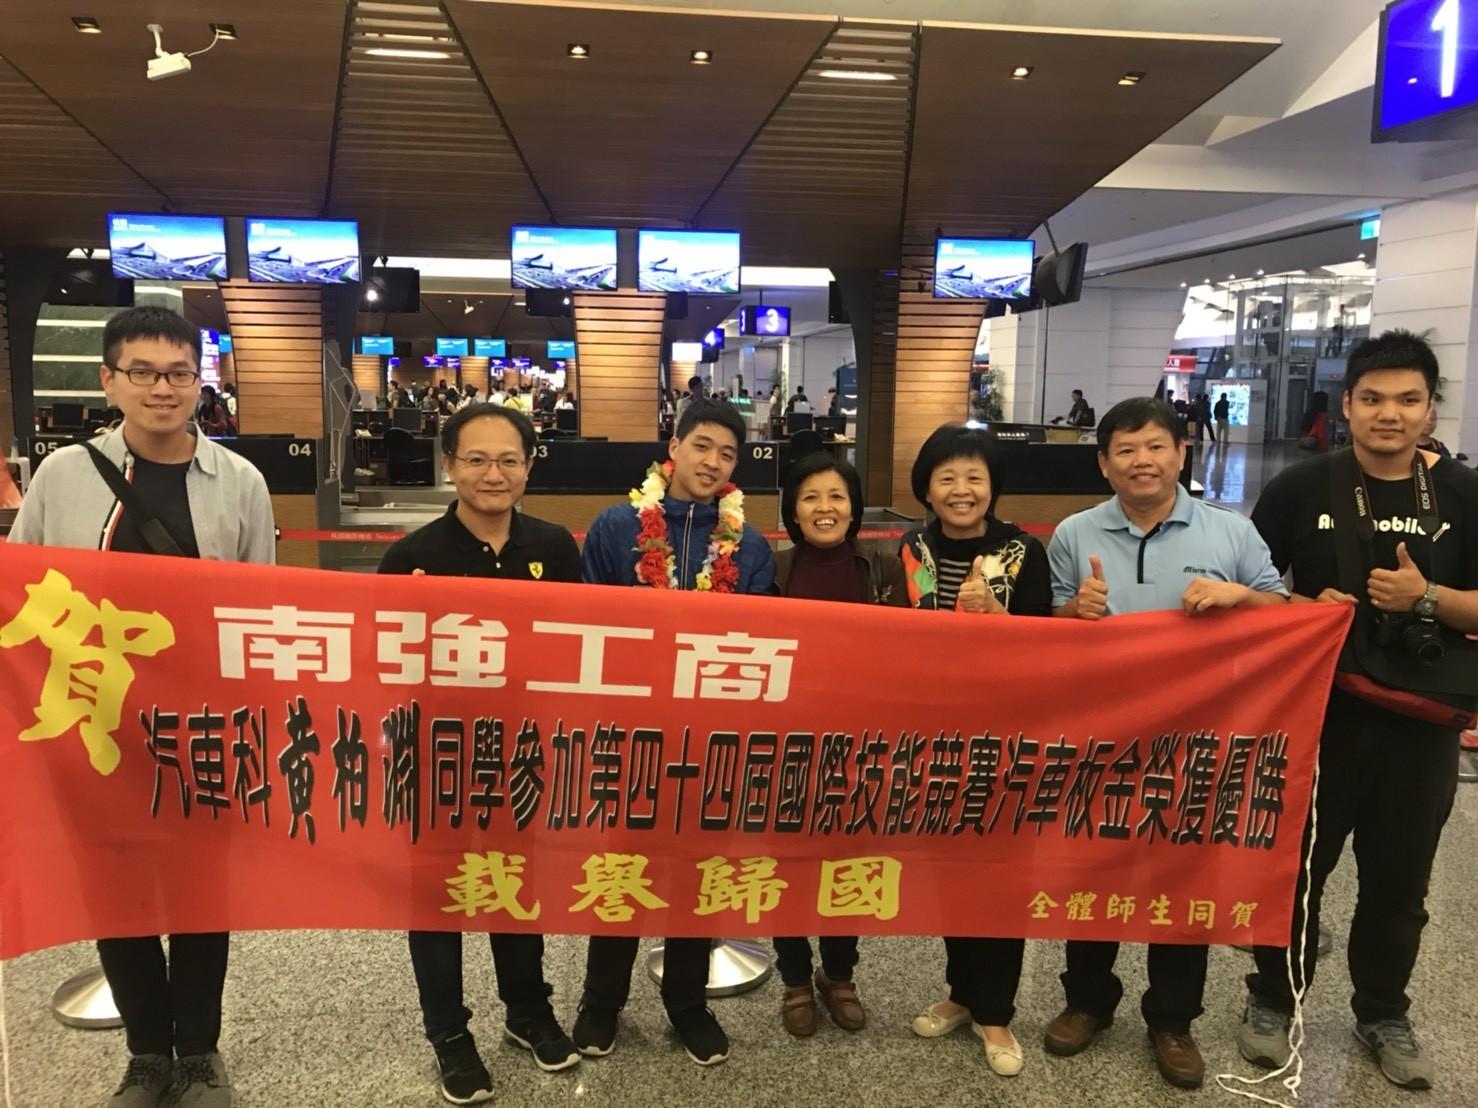 汽車科代表臺灣參加第44屆國際技能競賽汽車板金職類優勝(第四名), 共3張照片